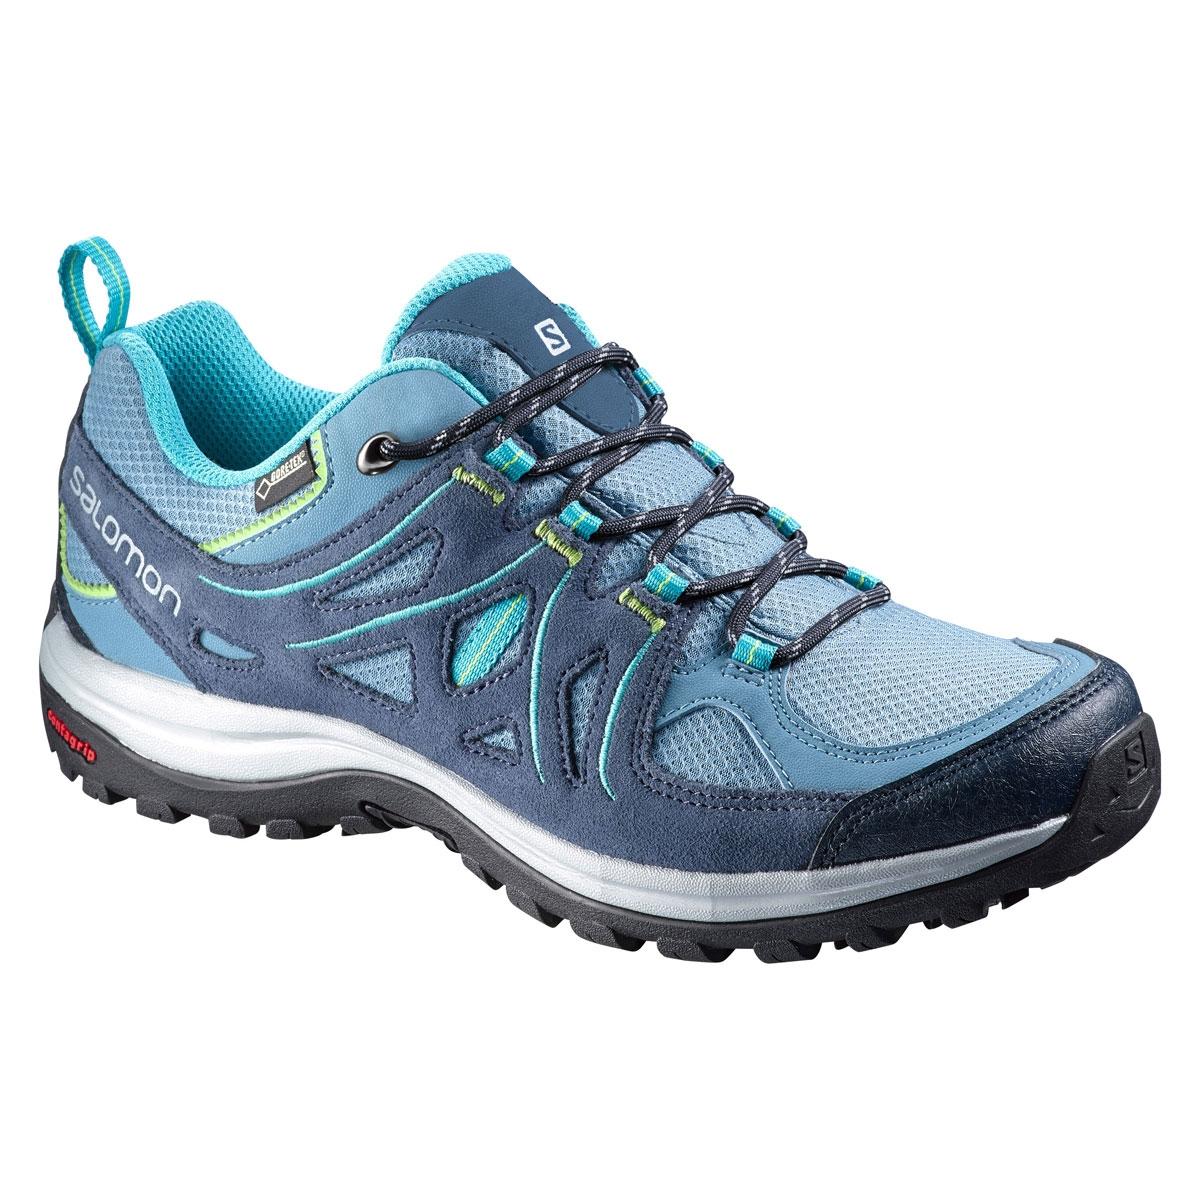 nouveau concept a72b7 761a6 Salomon Ellipse 2 GTX Lady Walking Shoes (Women's) - Rainy Blue / Slate  Blue / Teal Blue